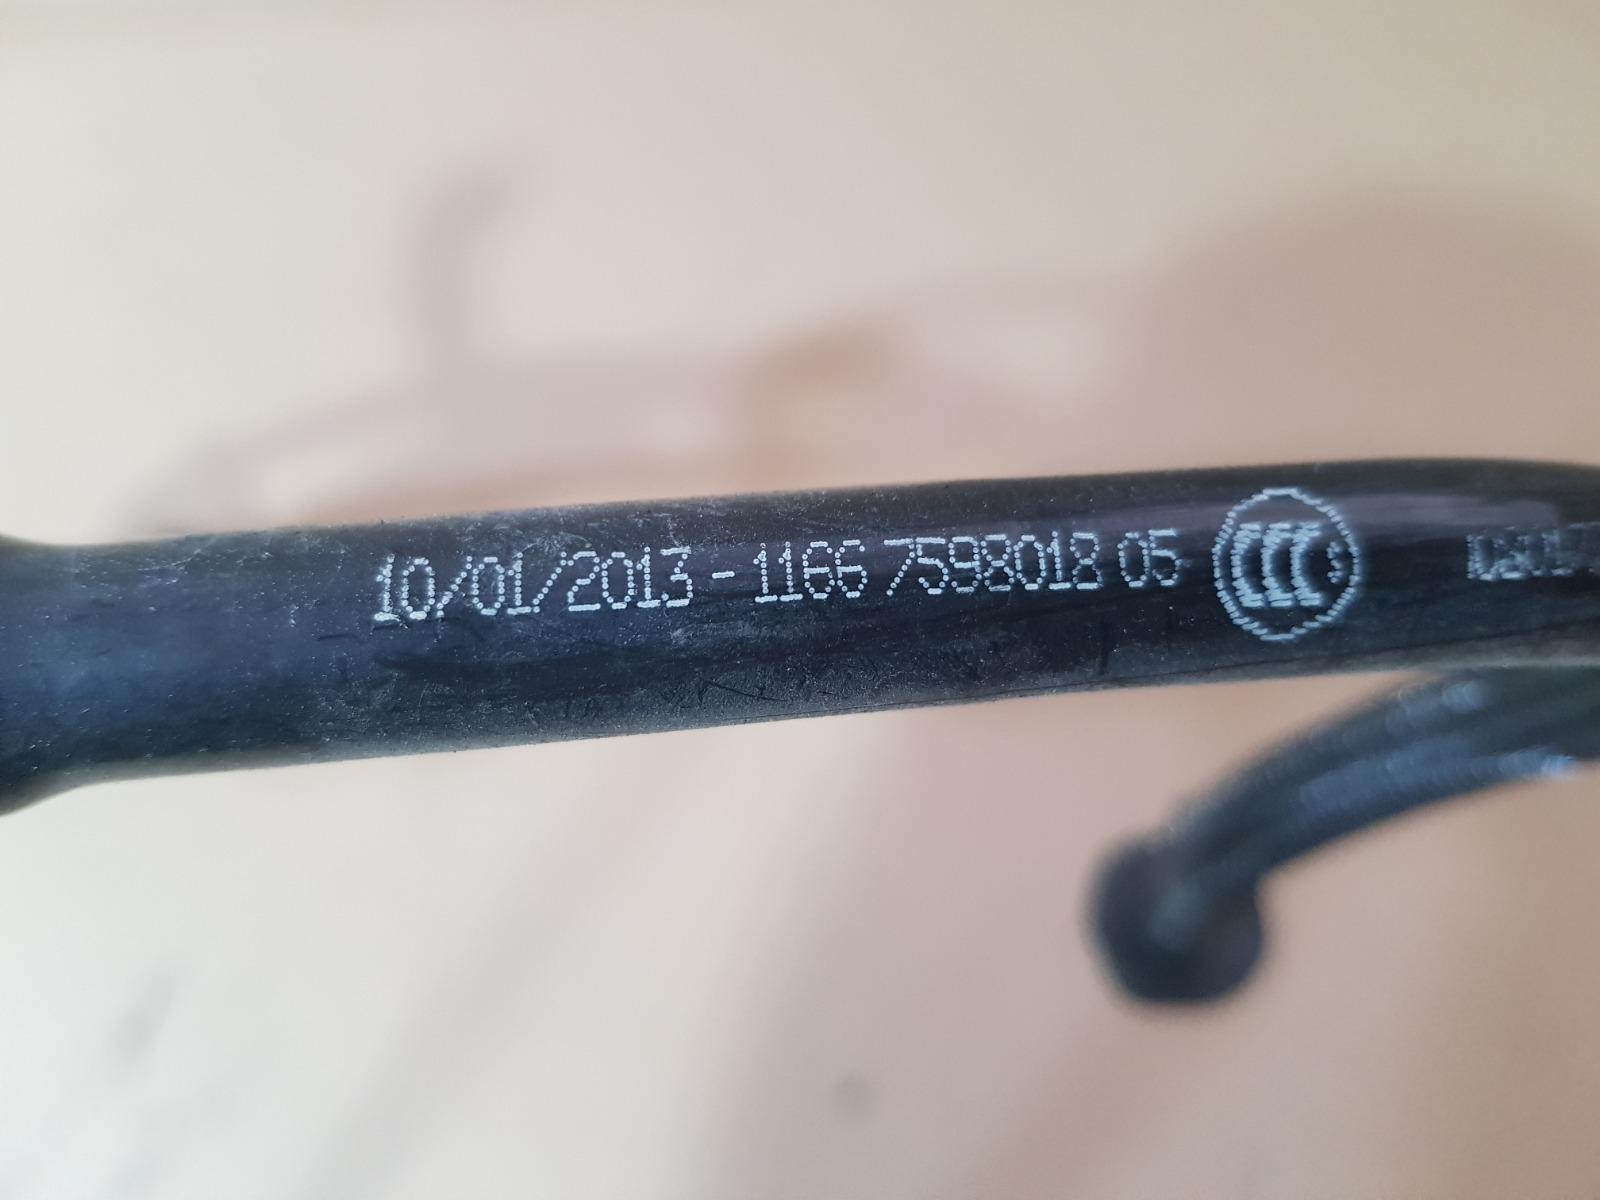 Клапан вентиляции топливного бака BMW 5-Series F10 N55B30 Hybrid 5